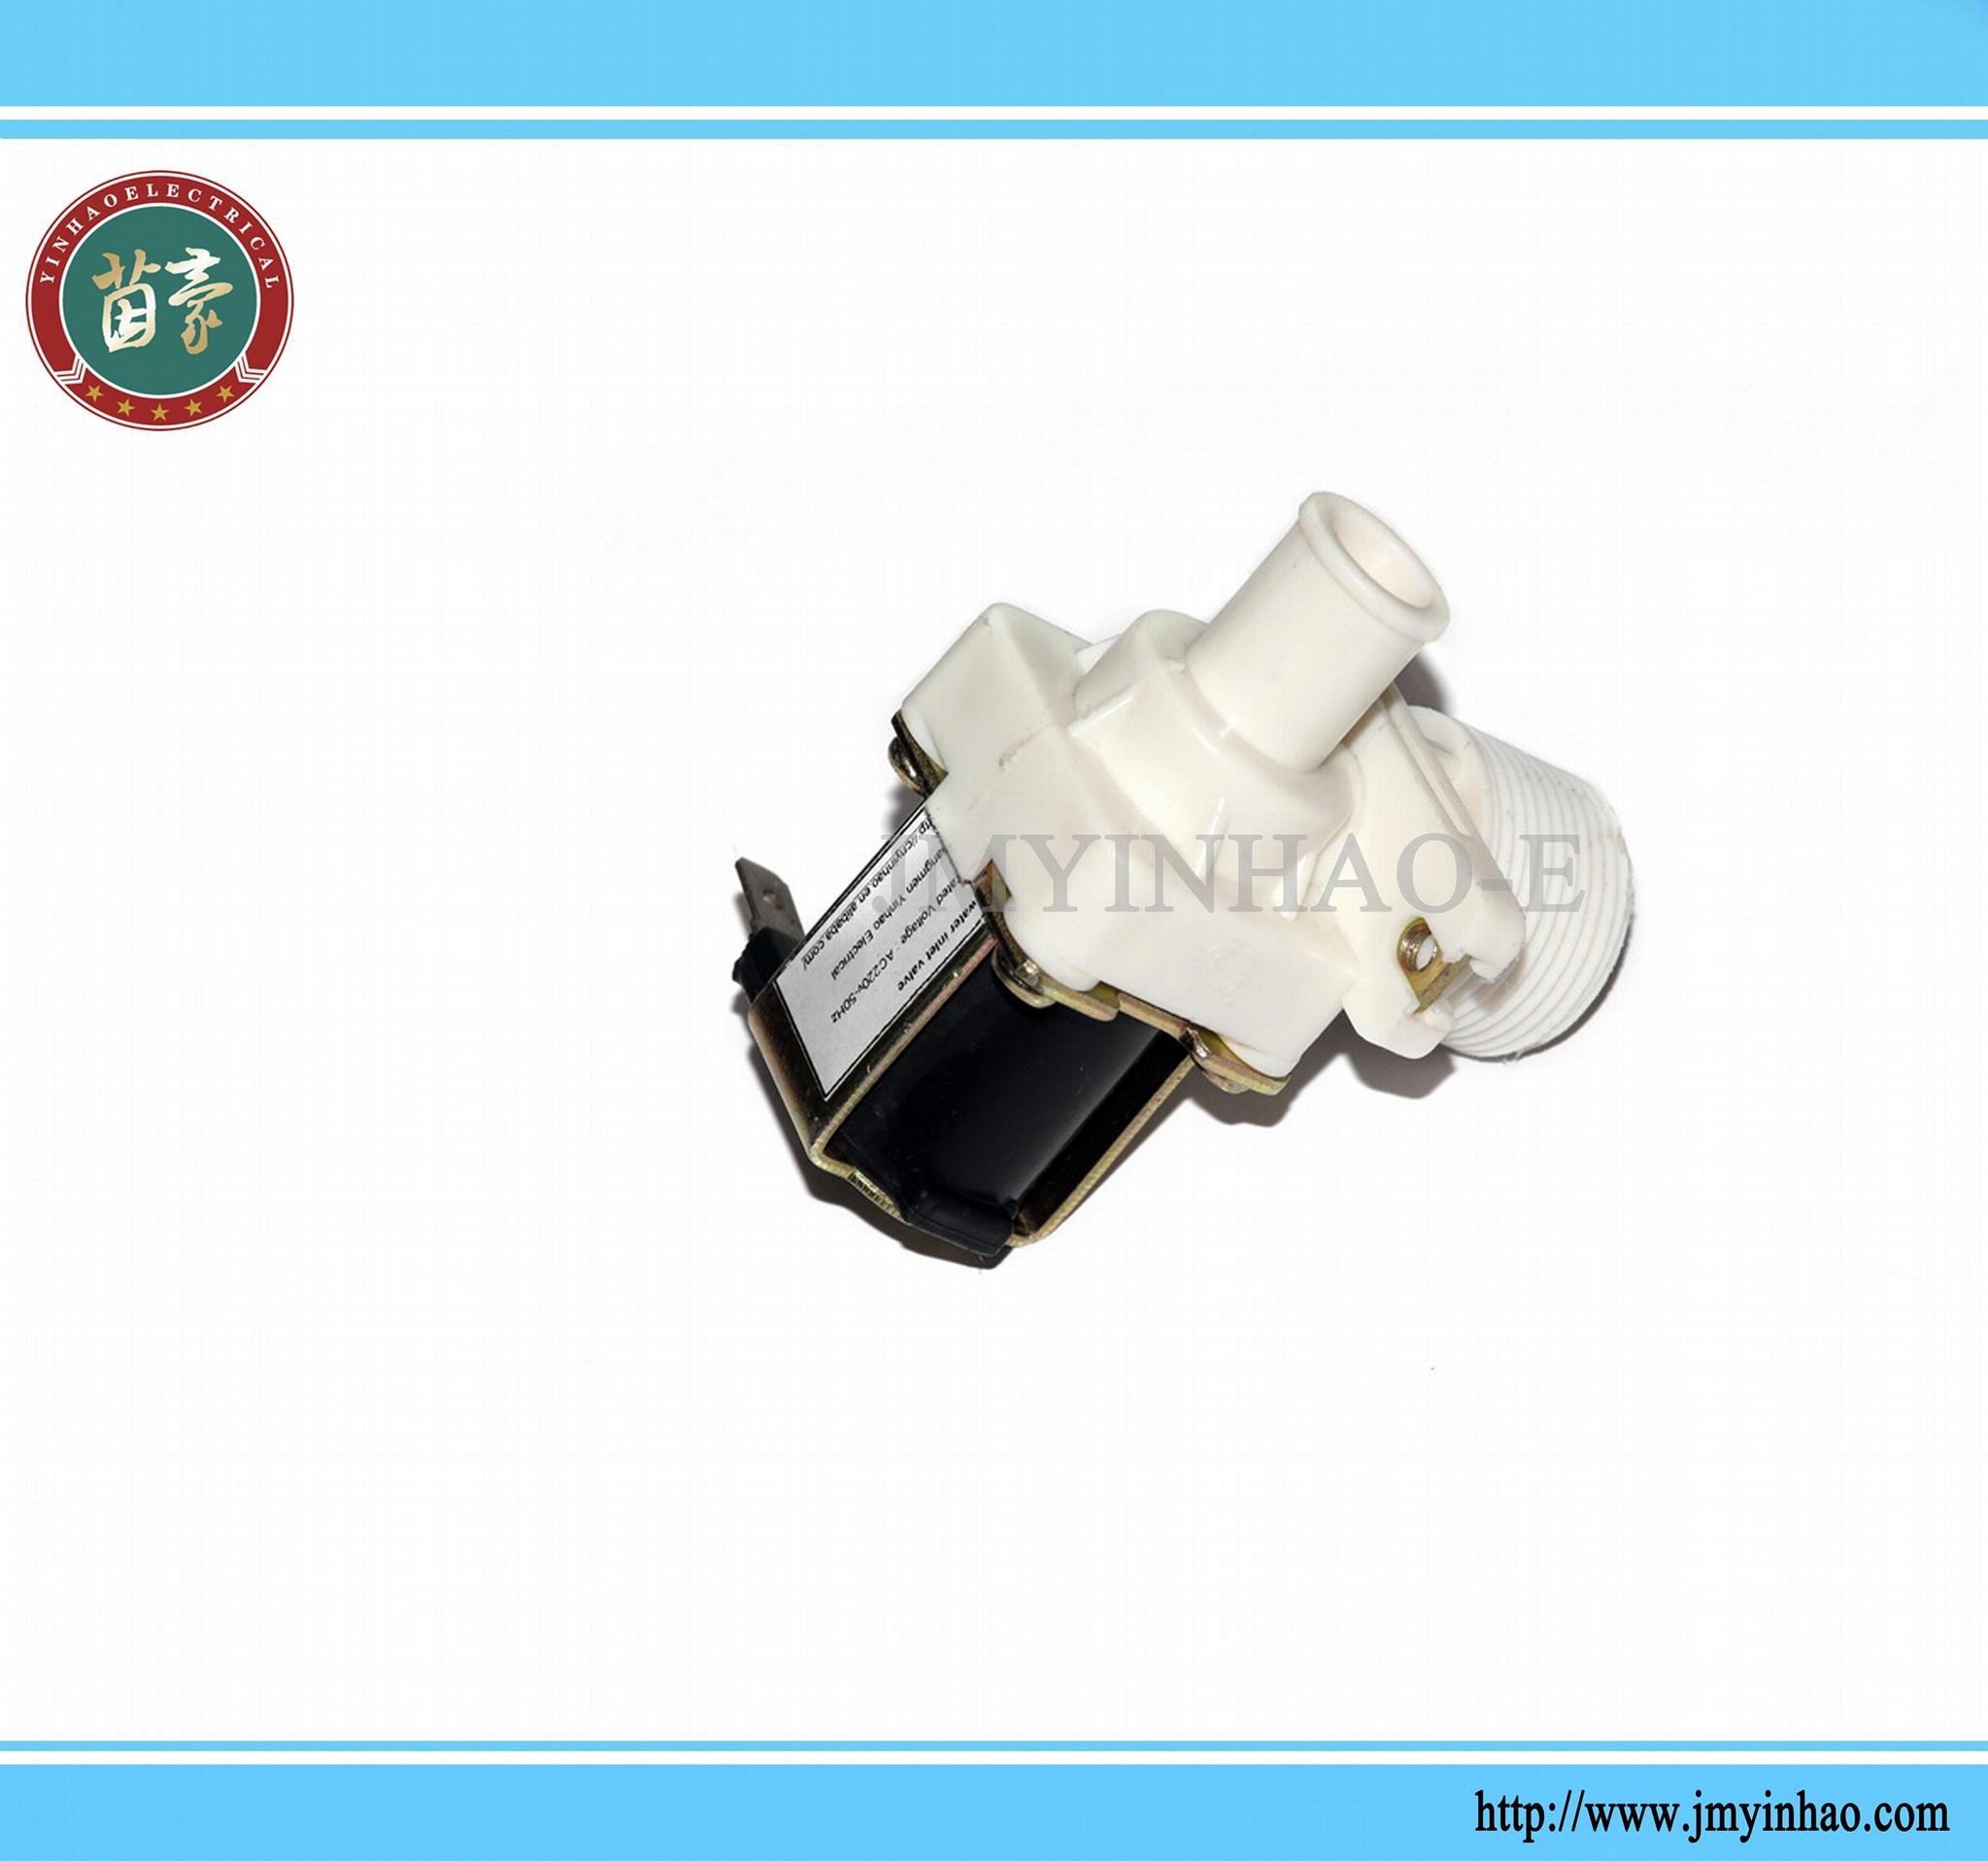 Washing machine inlet valve / Samsung washer  water valve